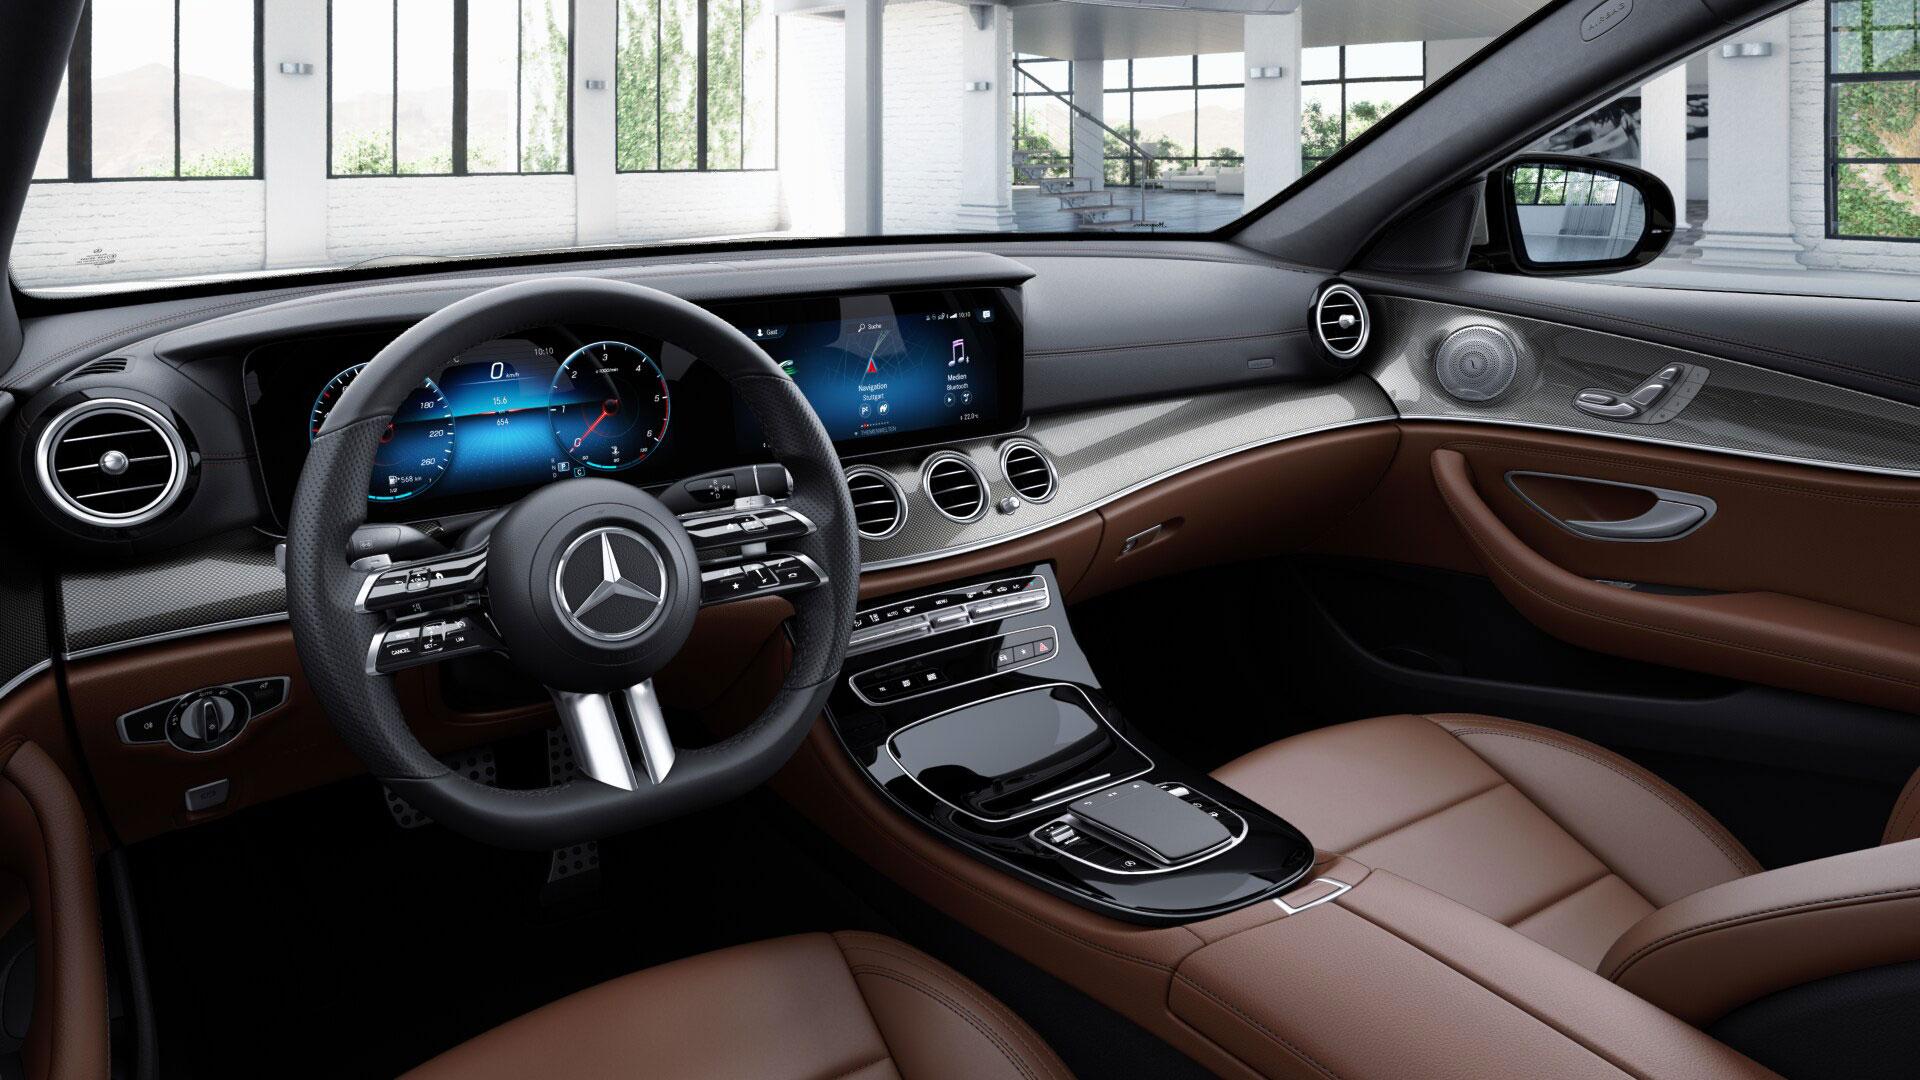 Phares de la Mercedes Benz Classe E Berline Grise Finition AMG Line